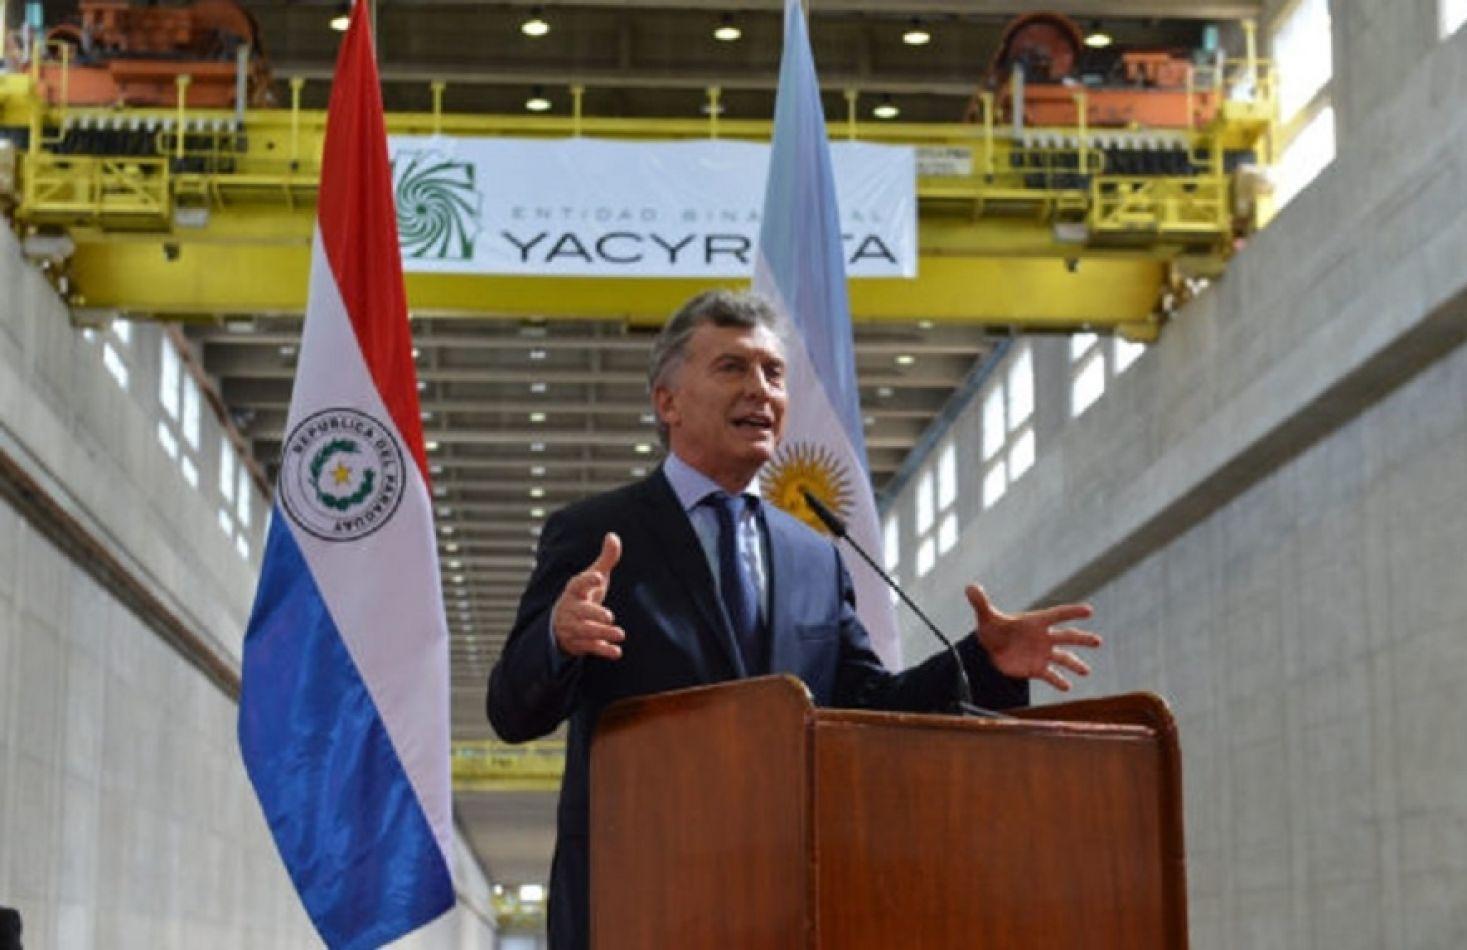 Macri en Yacyretá